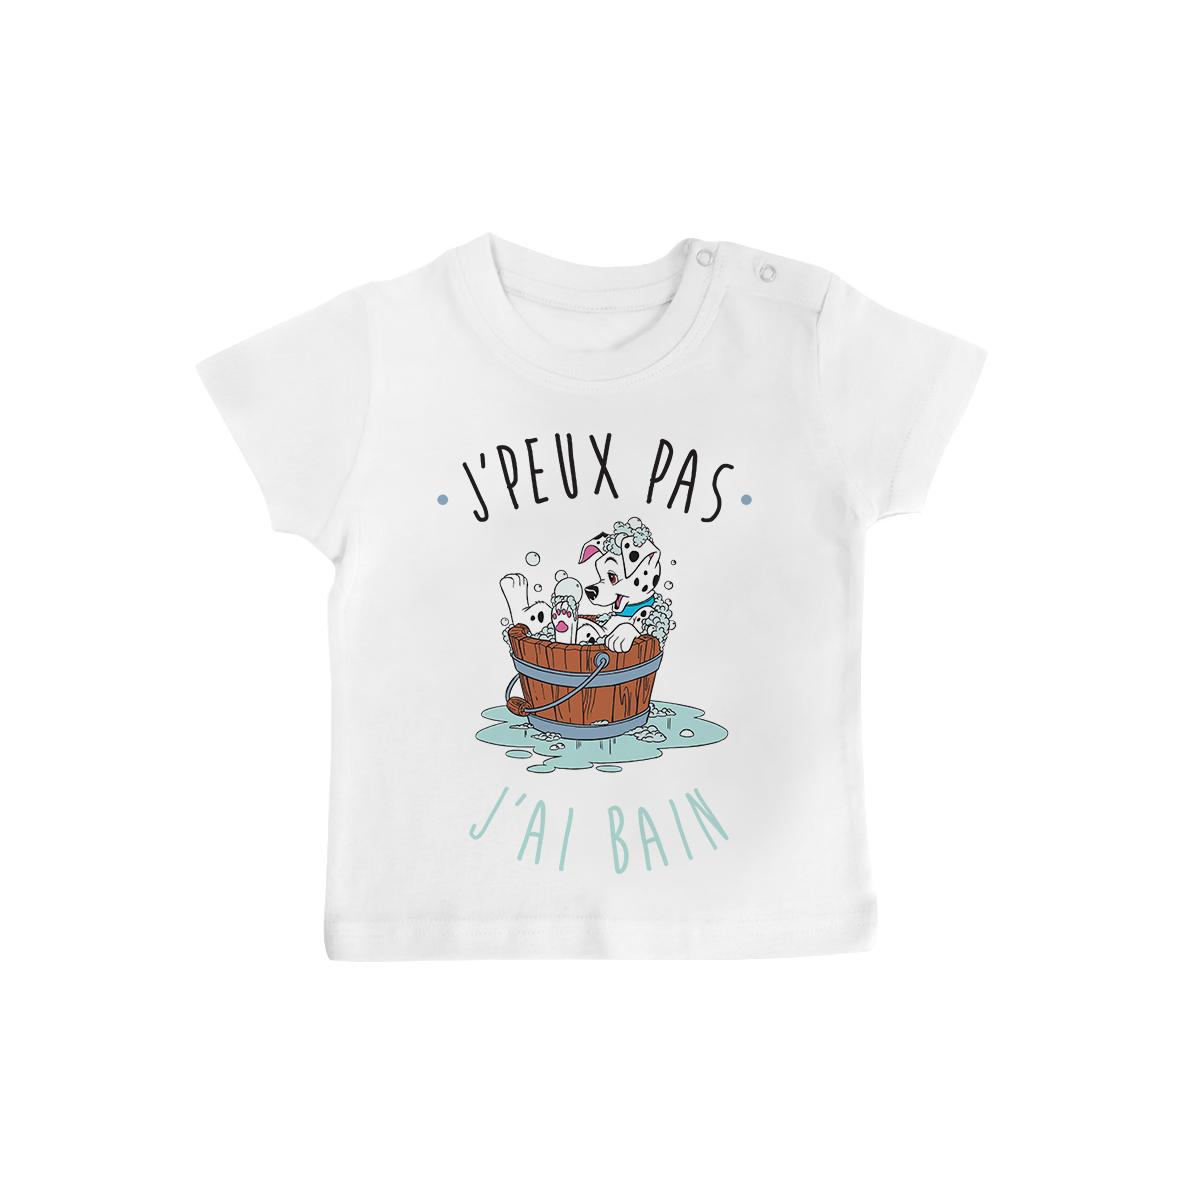 T-shirt bébé J'peux pas j'ai bain